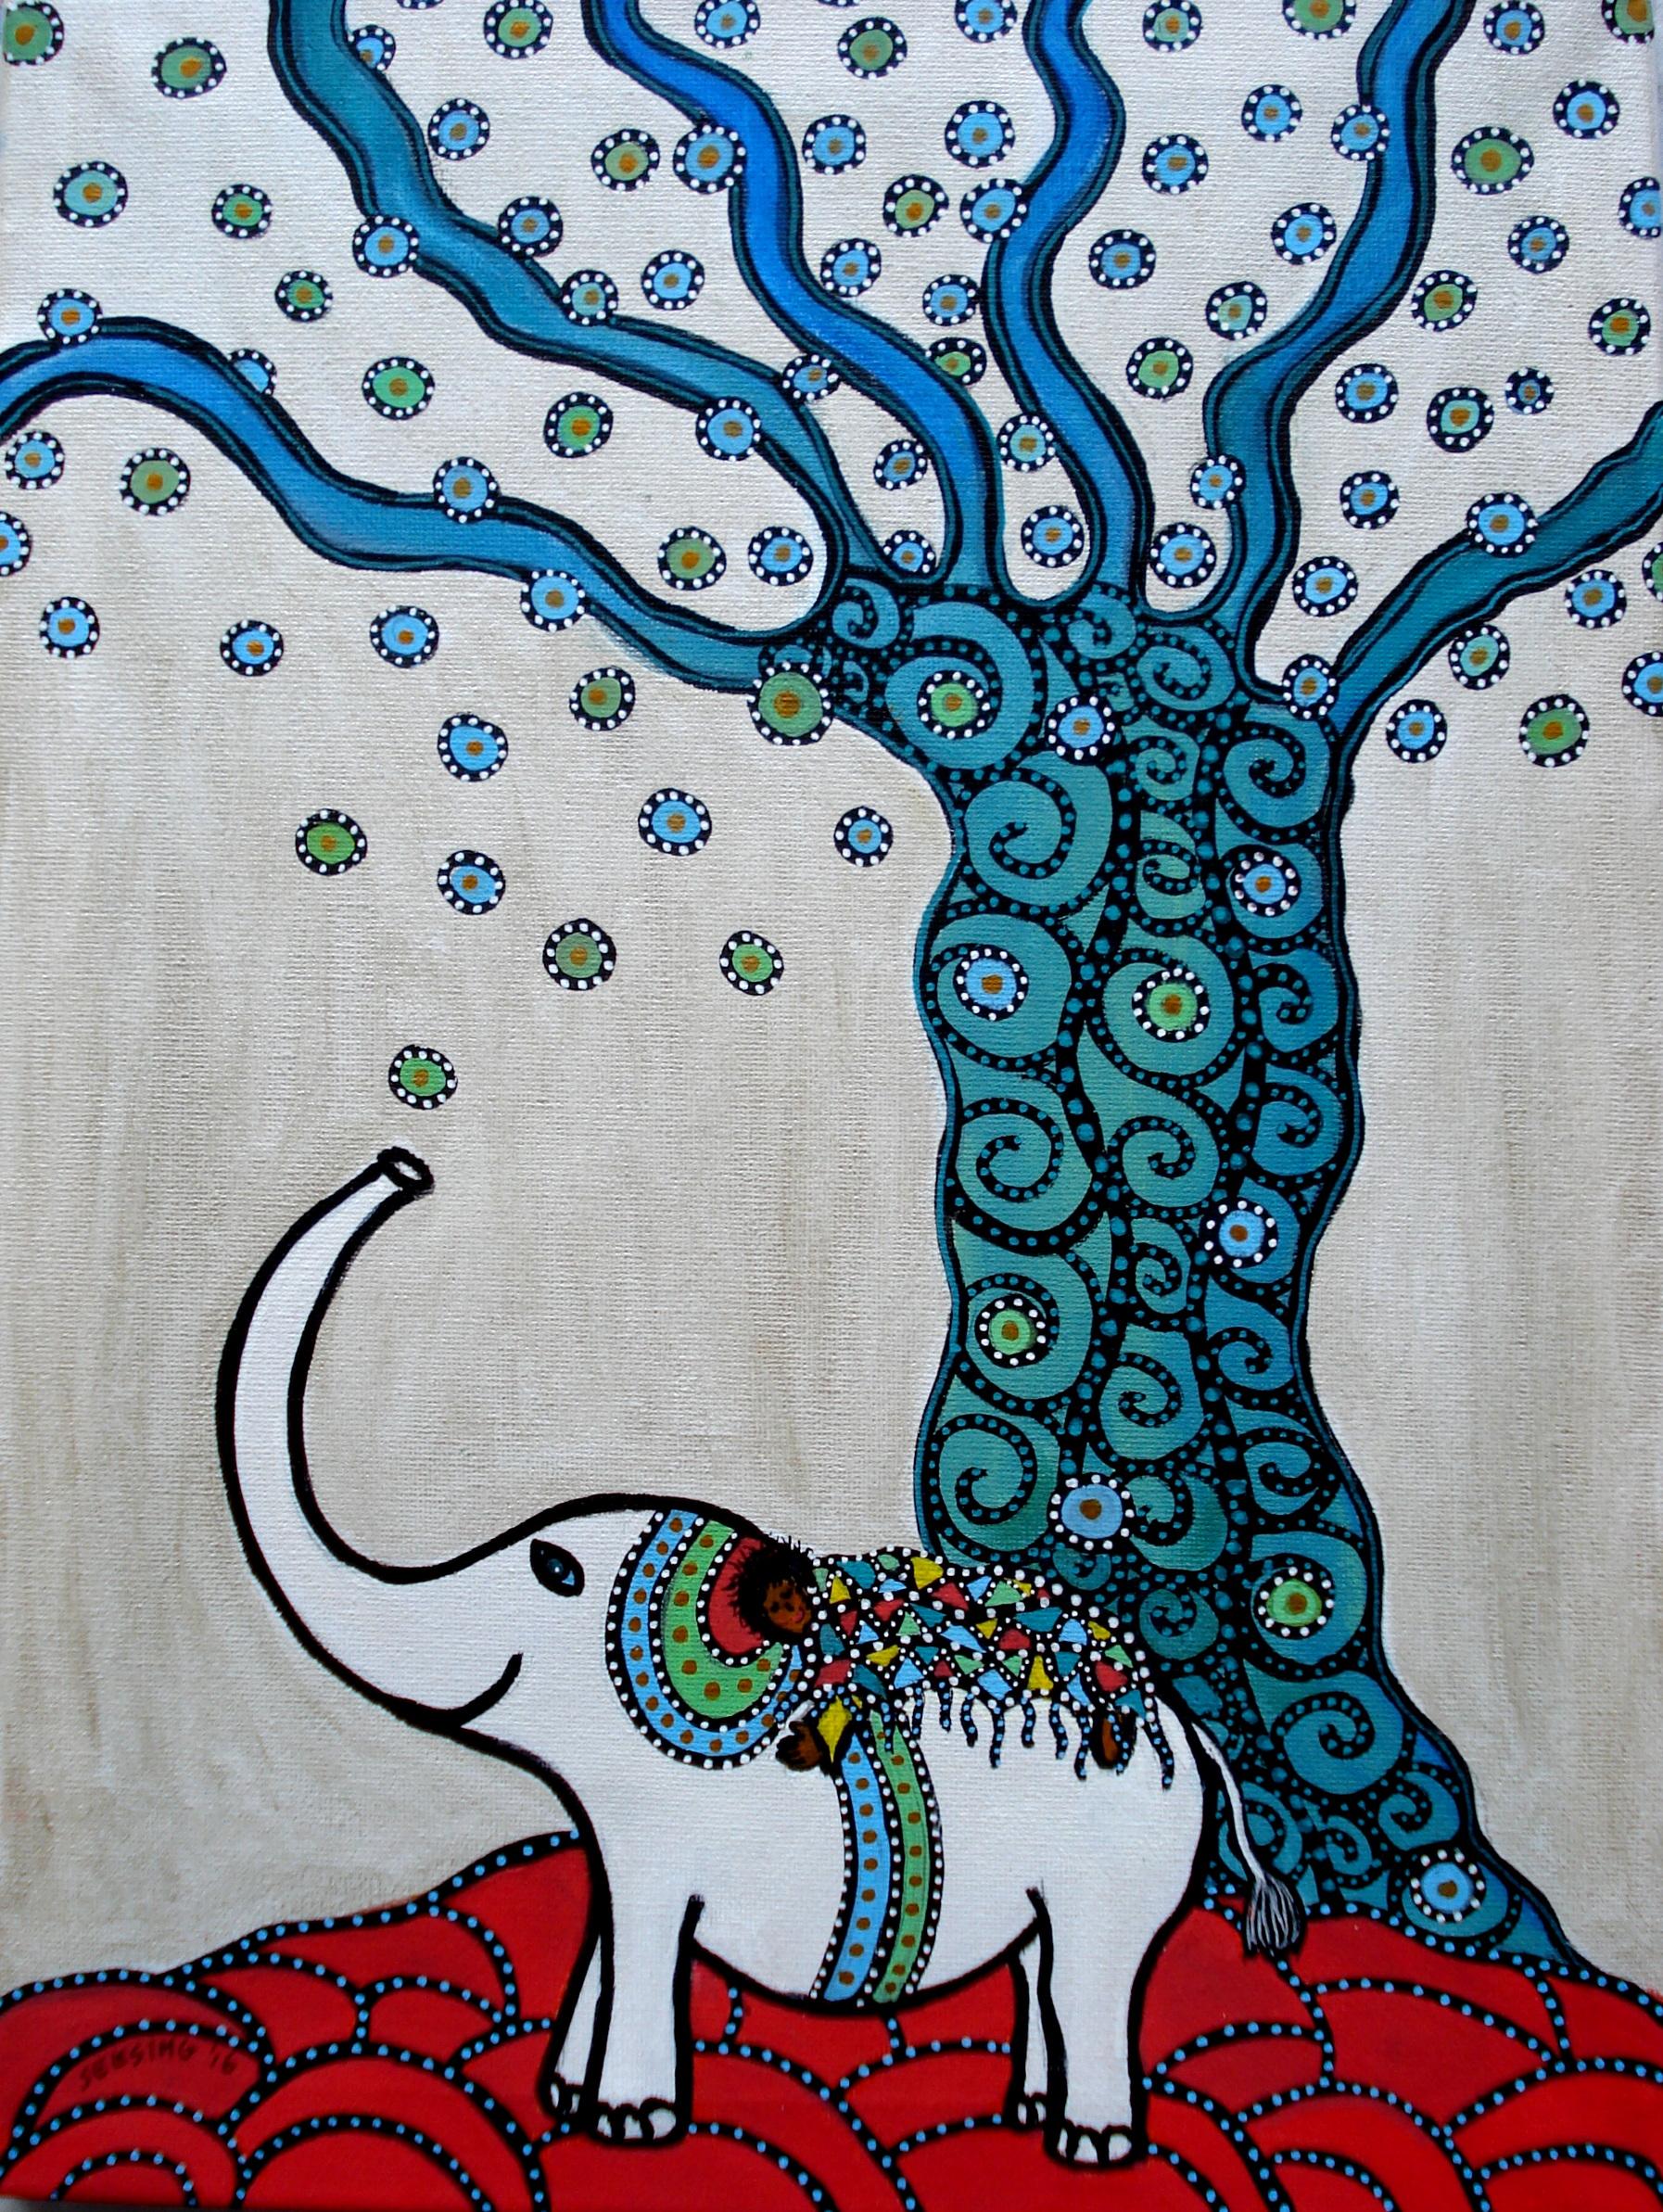 Witte olifant - Hetty Seesing